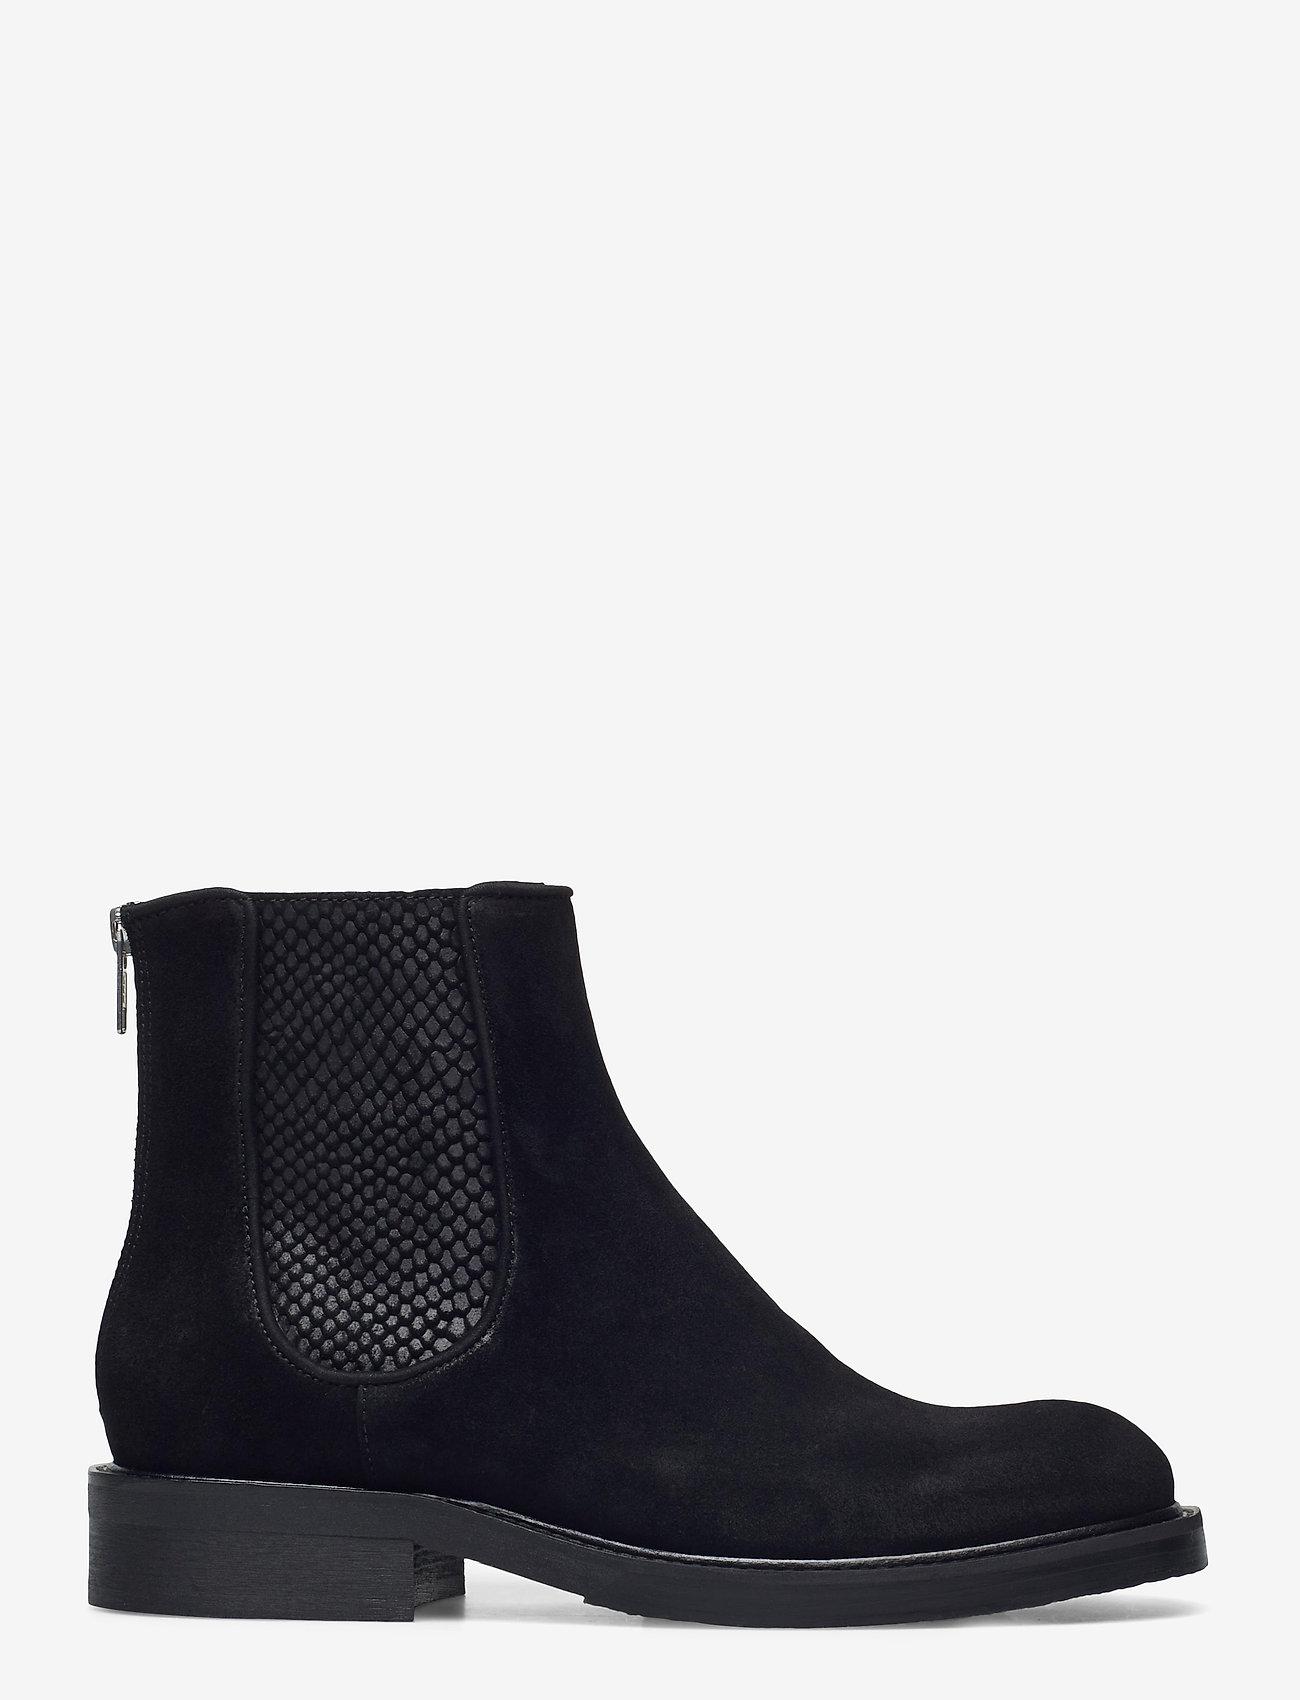 Billi Bi - Boots 83451 - chelsea boots - black suede/red zip 509 - 1